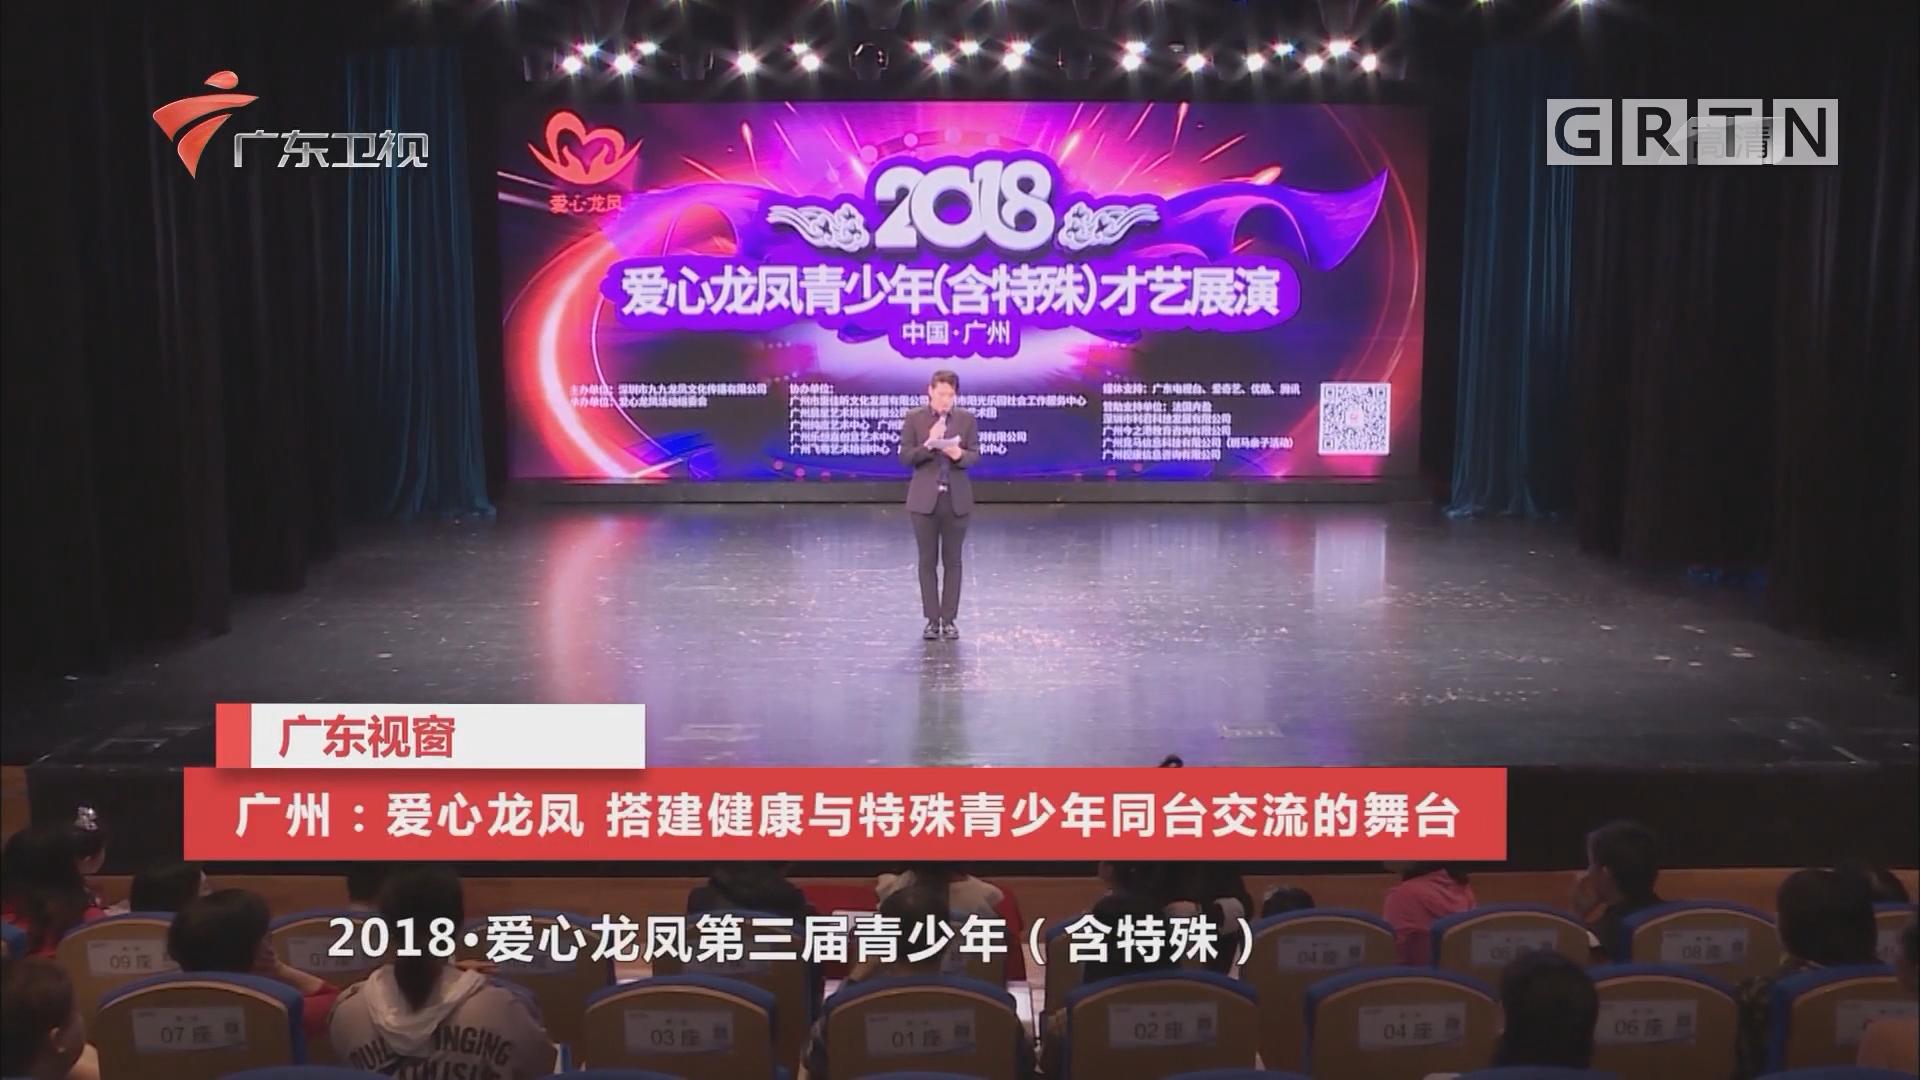 广州:爱心龙凤 搭建健康与特殊青少年同台交流的舞台